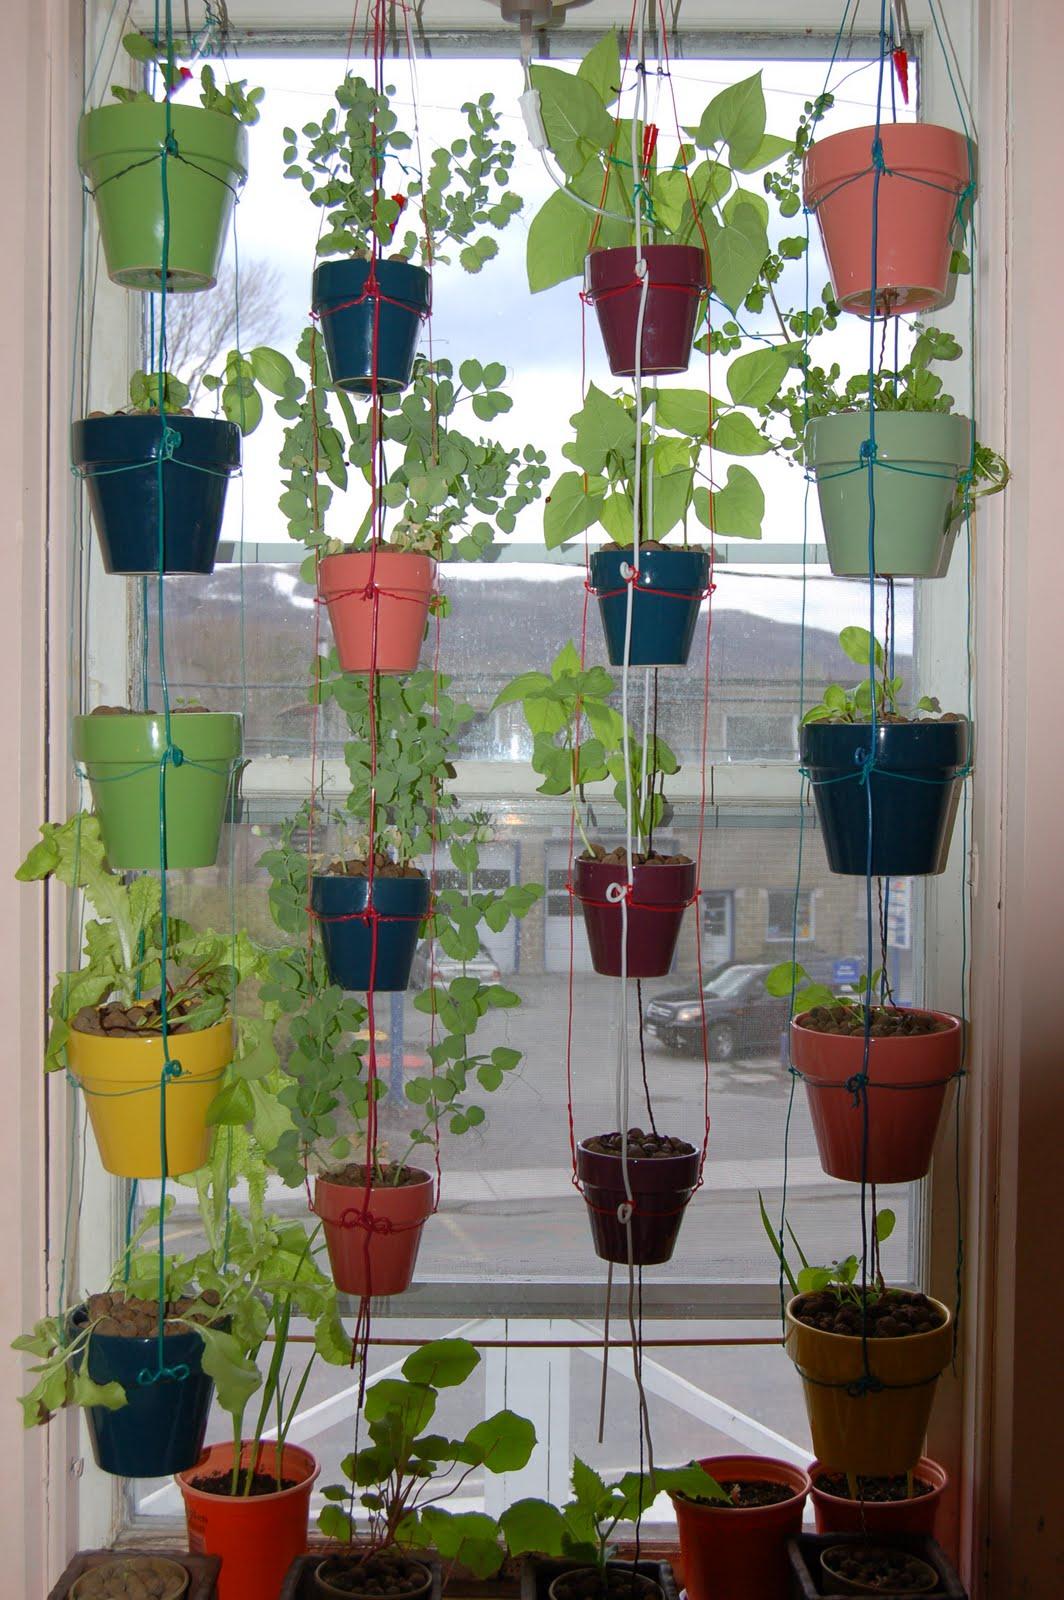 3 jardines en quebec por fin comenzamos - Fines herbes en pot interieur ...